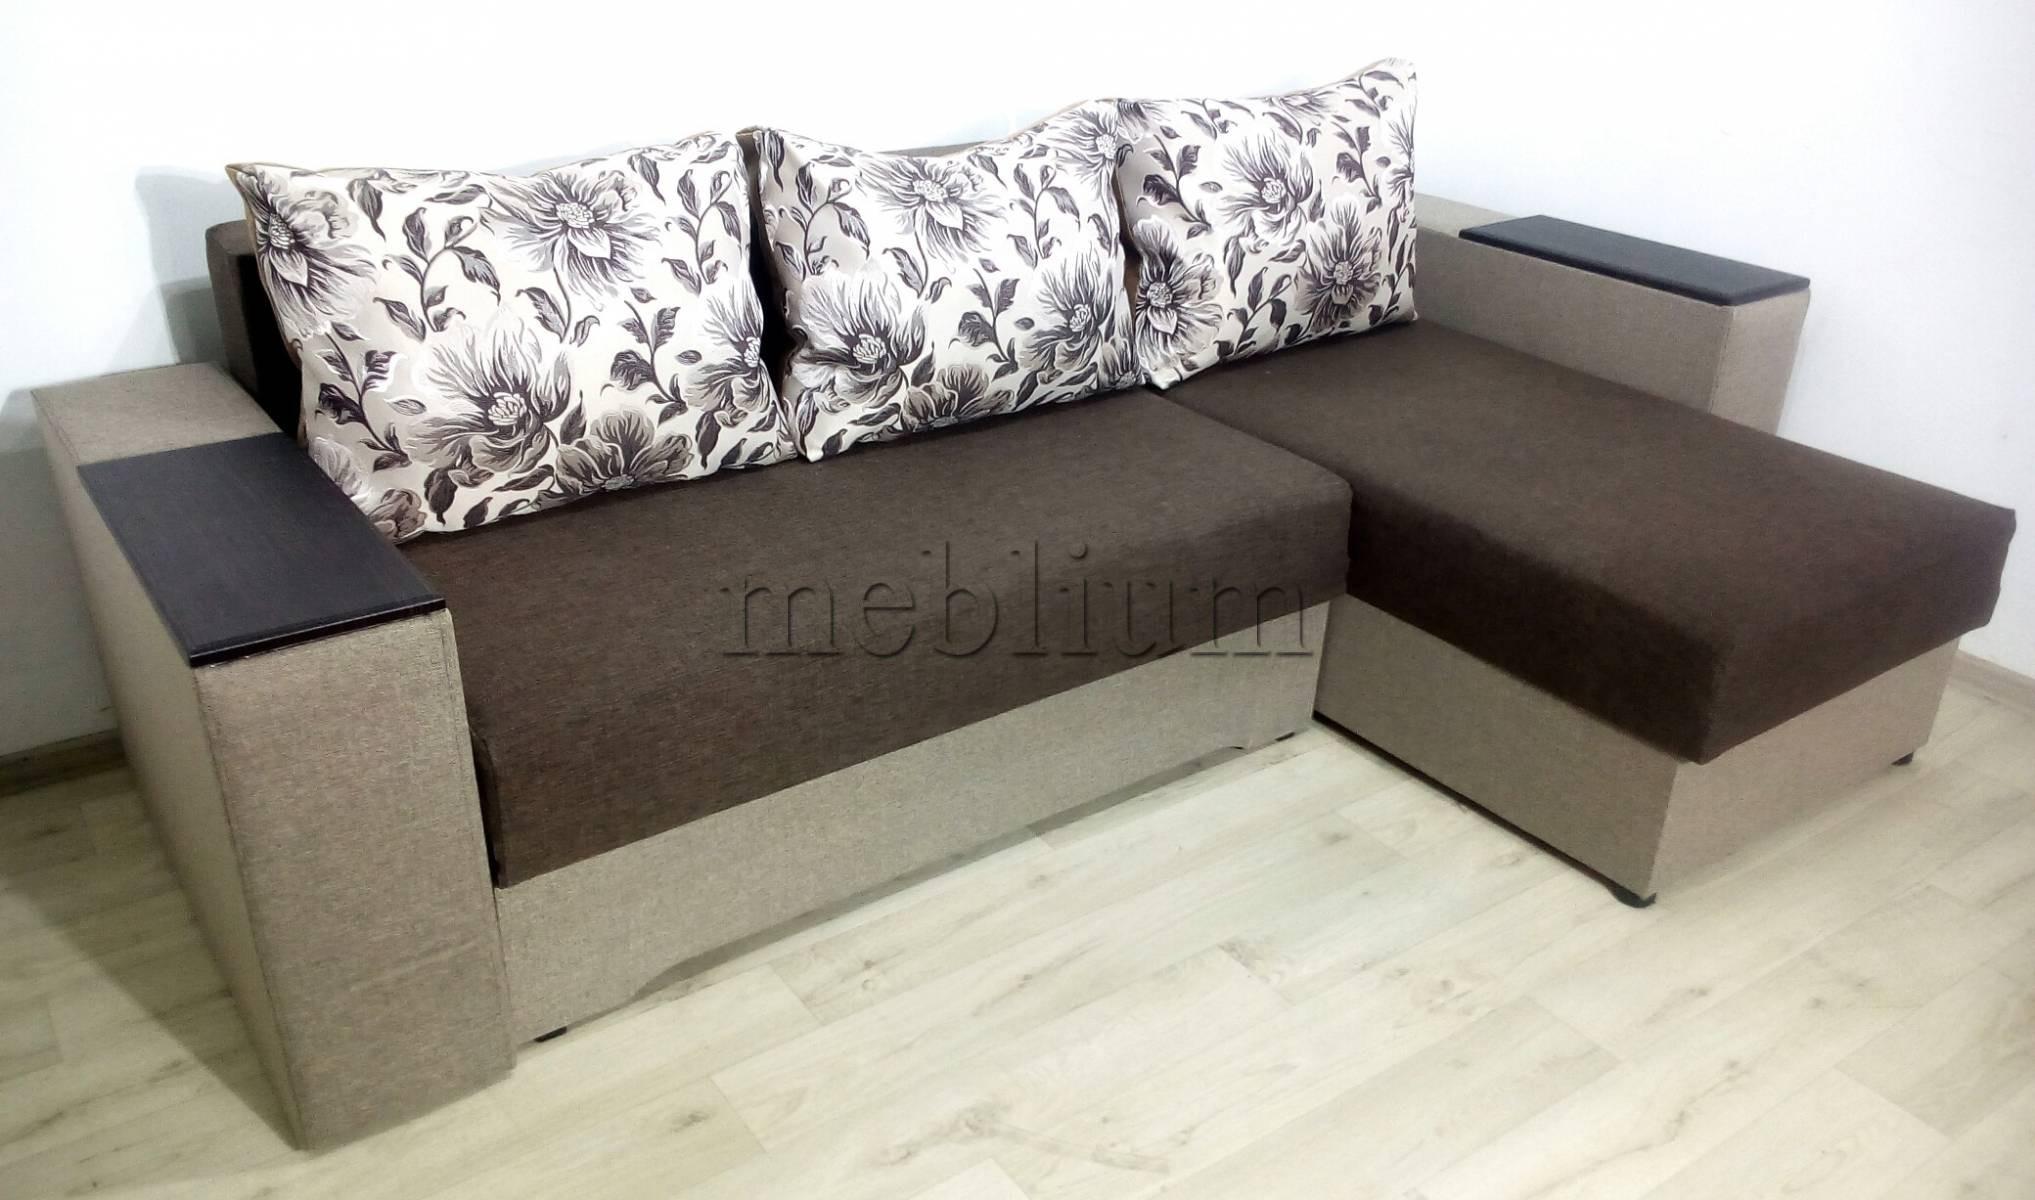 Угловой диван Византия универсал -3 Ткань: BEHZ